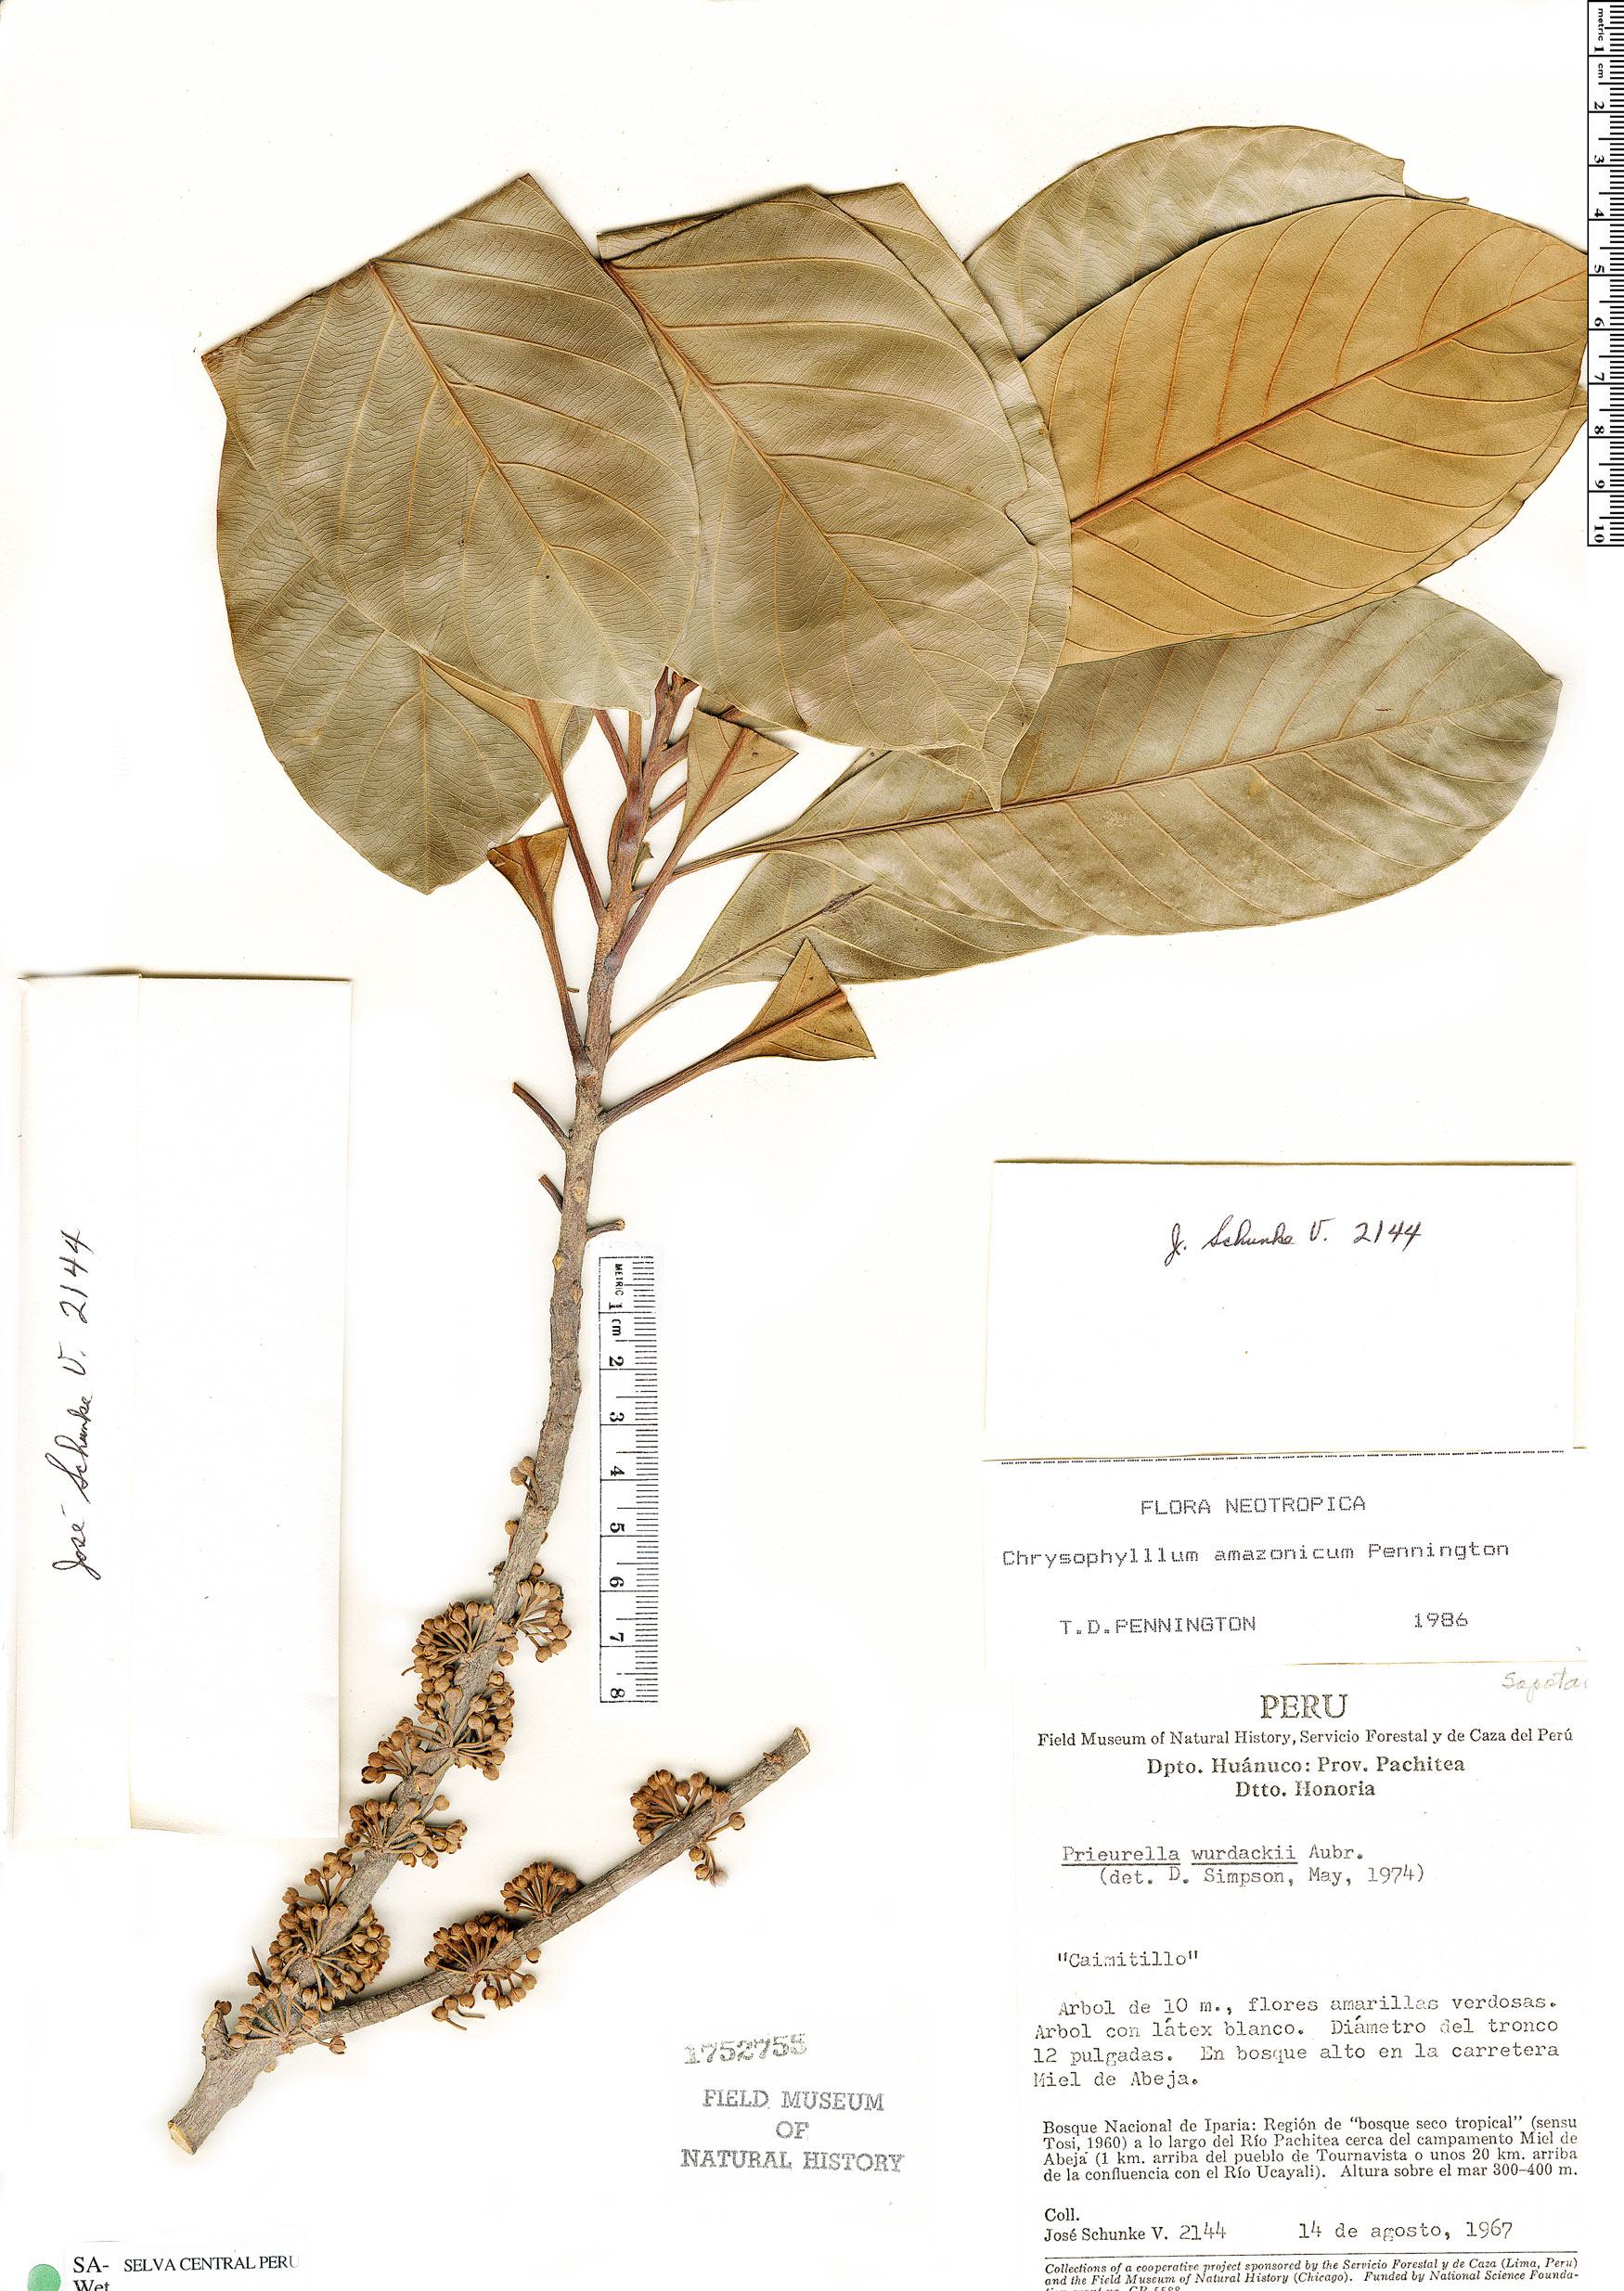 Specimen: Chrysophyllum amazonicum